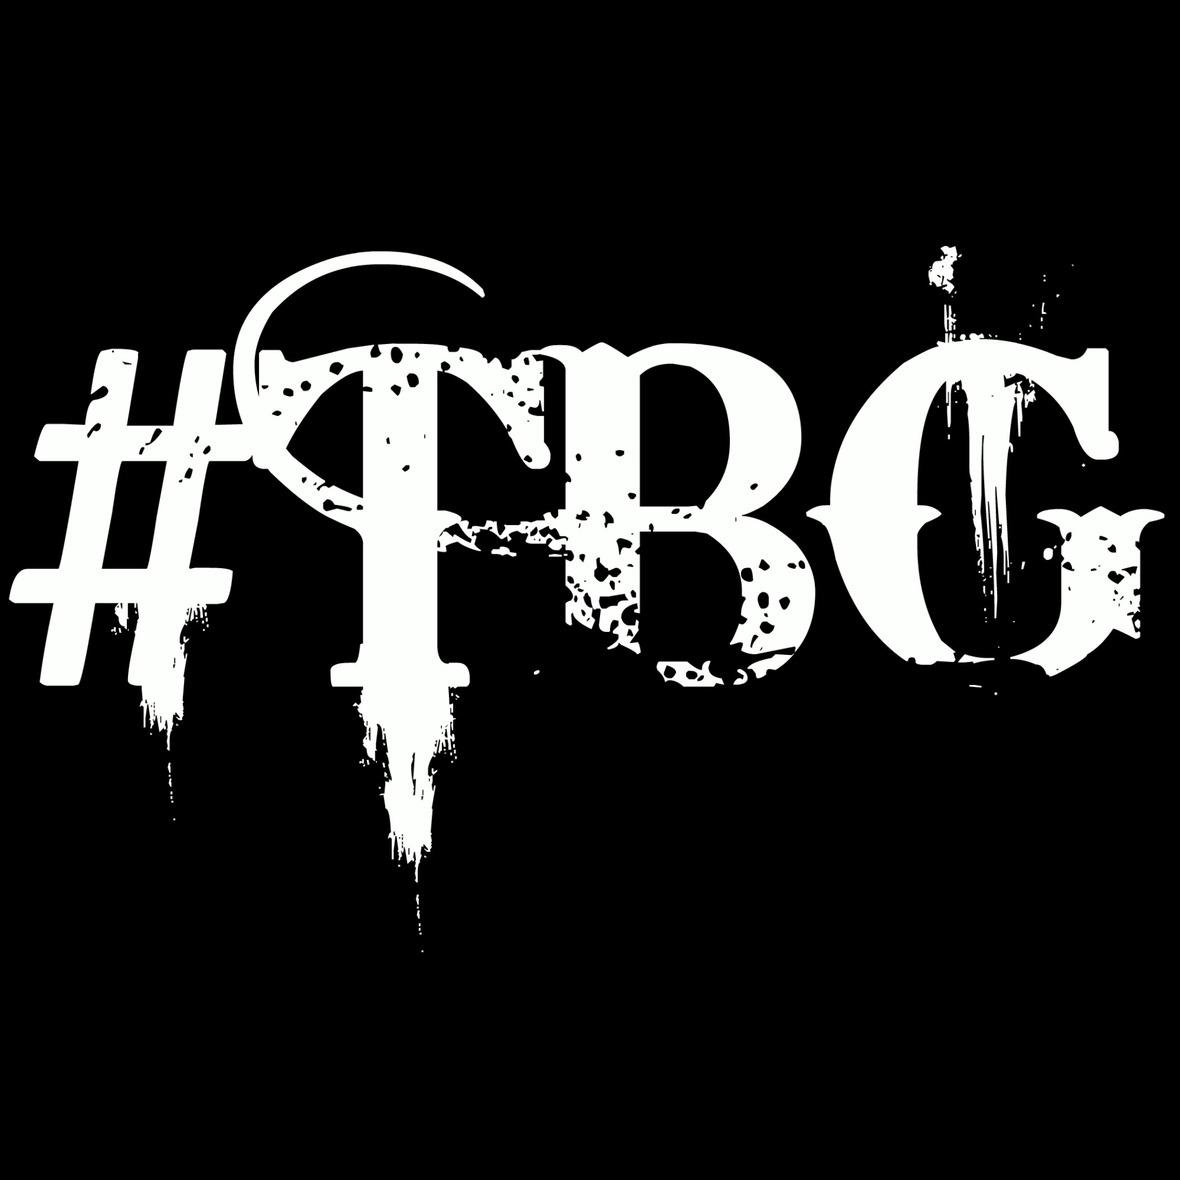 200kb-tbg-main-logo